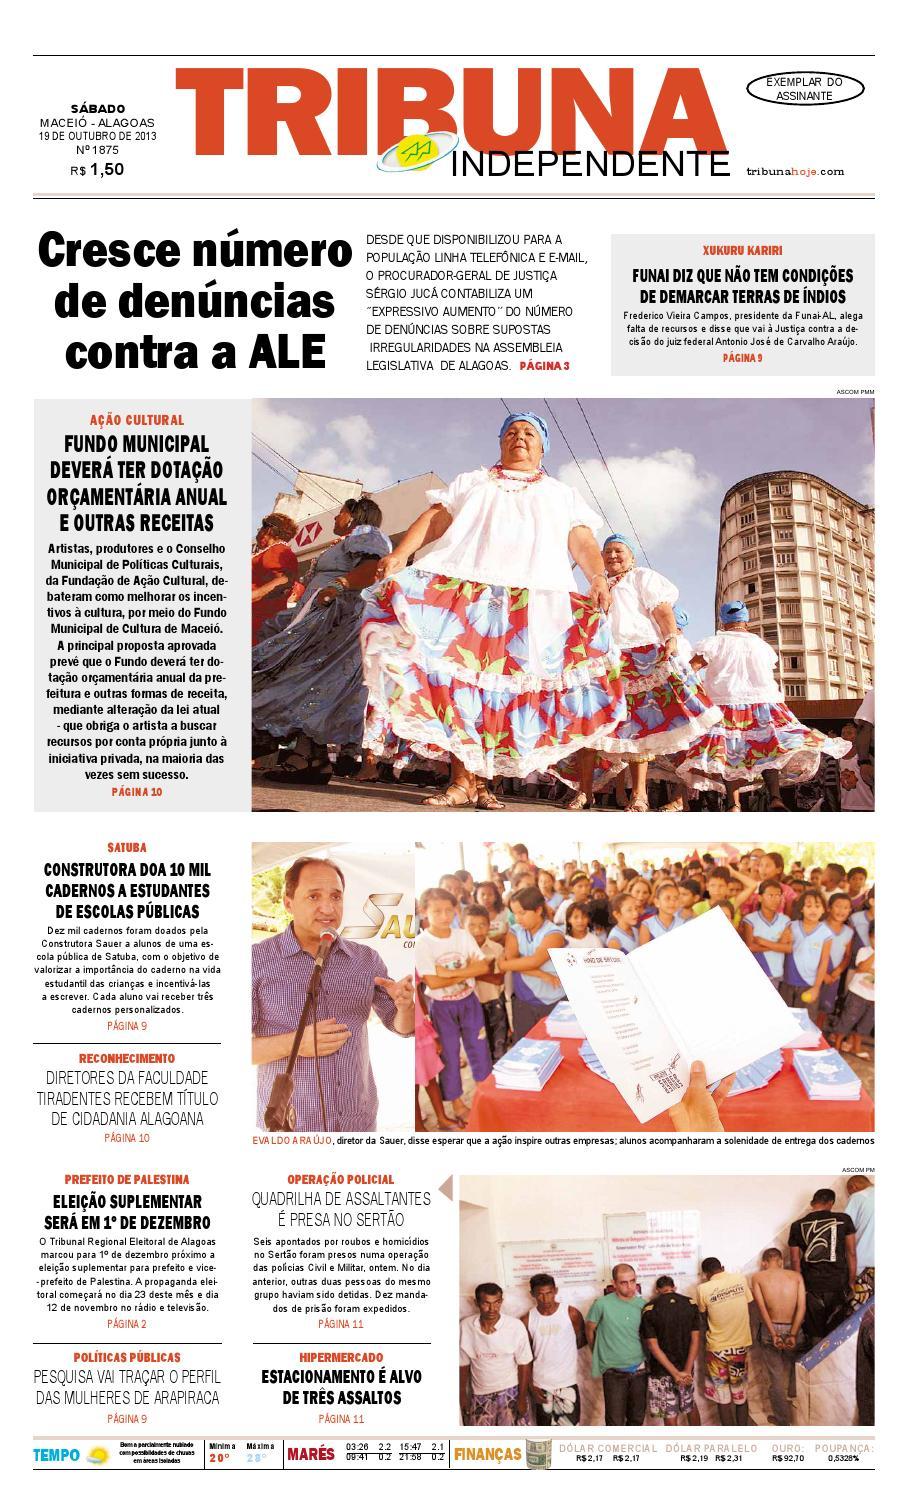 c6f31d8c3 Edição número 1875 - 19 de outubro de 2013 by Tribuna Hoje - issuu